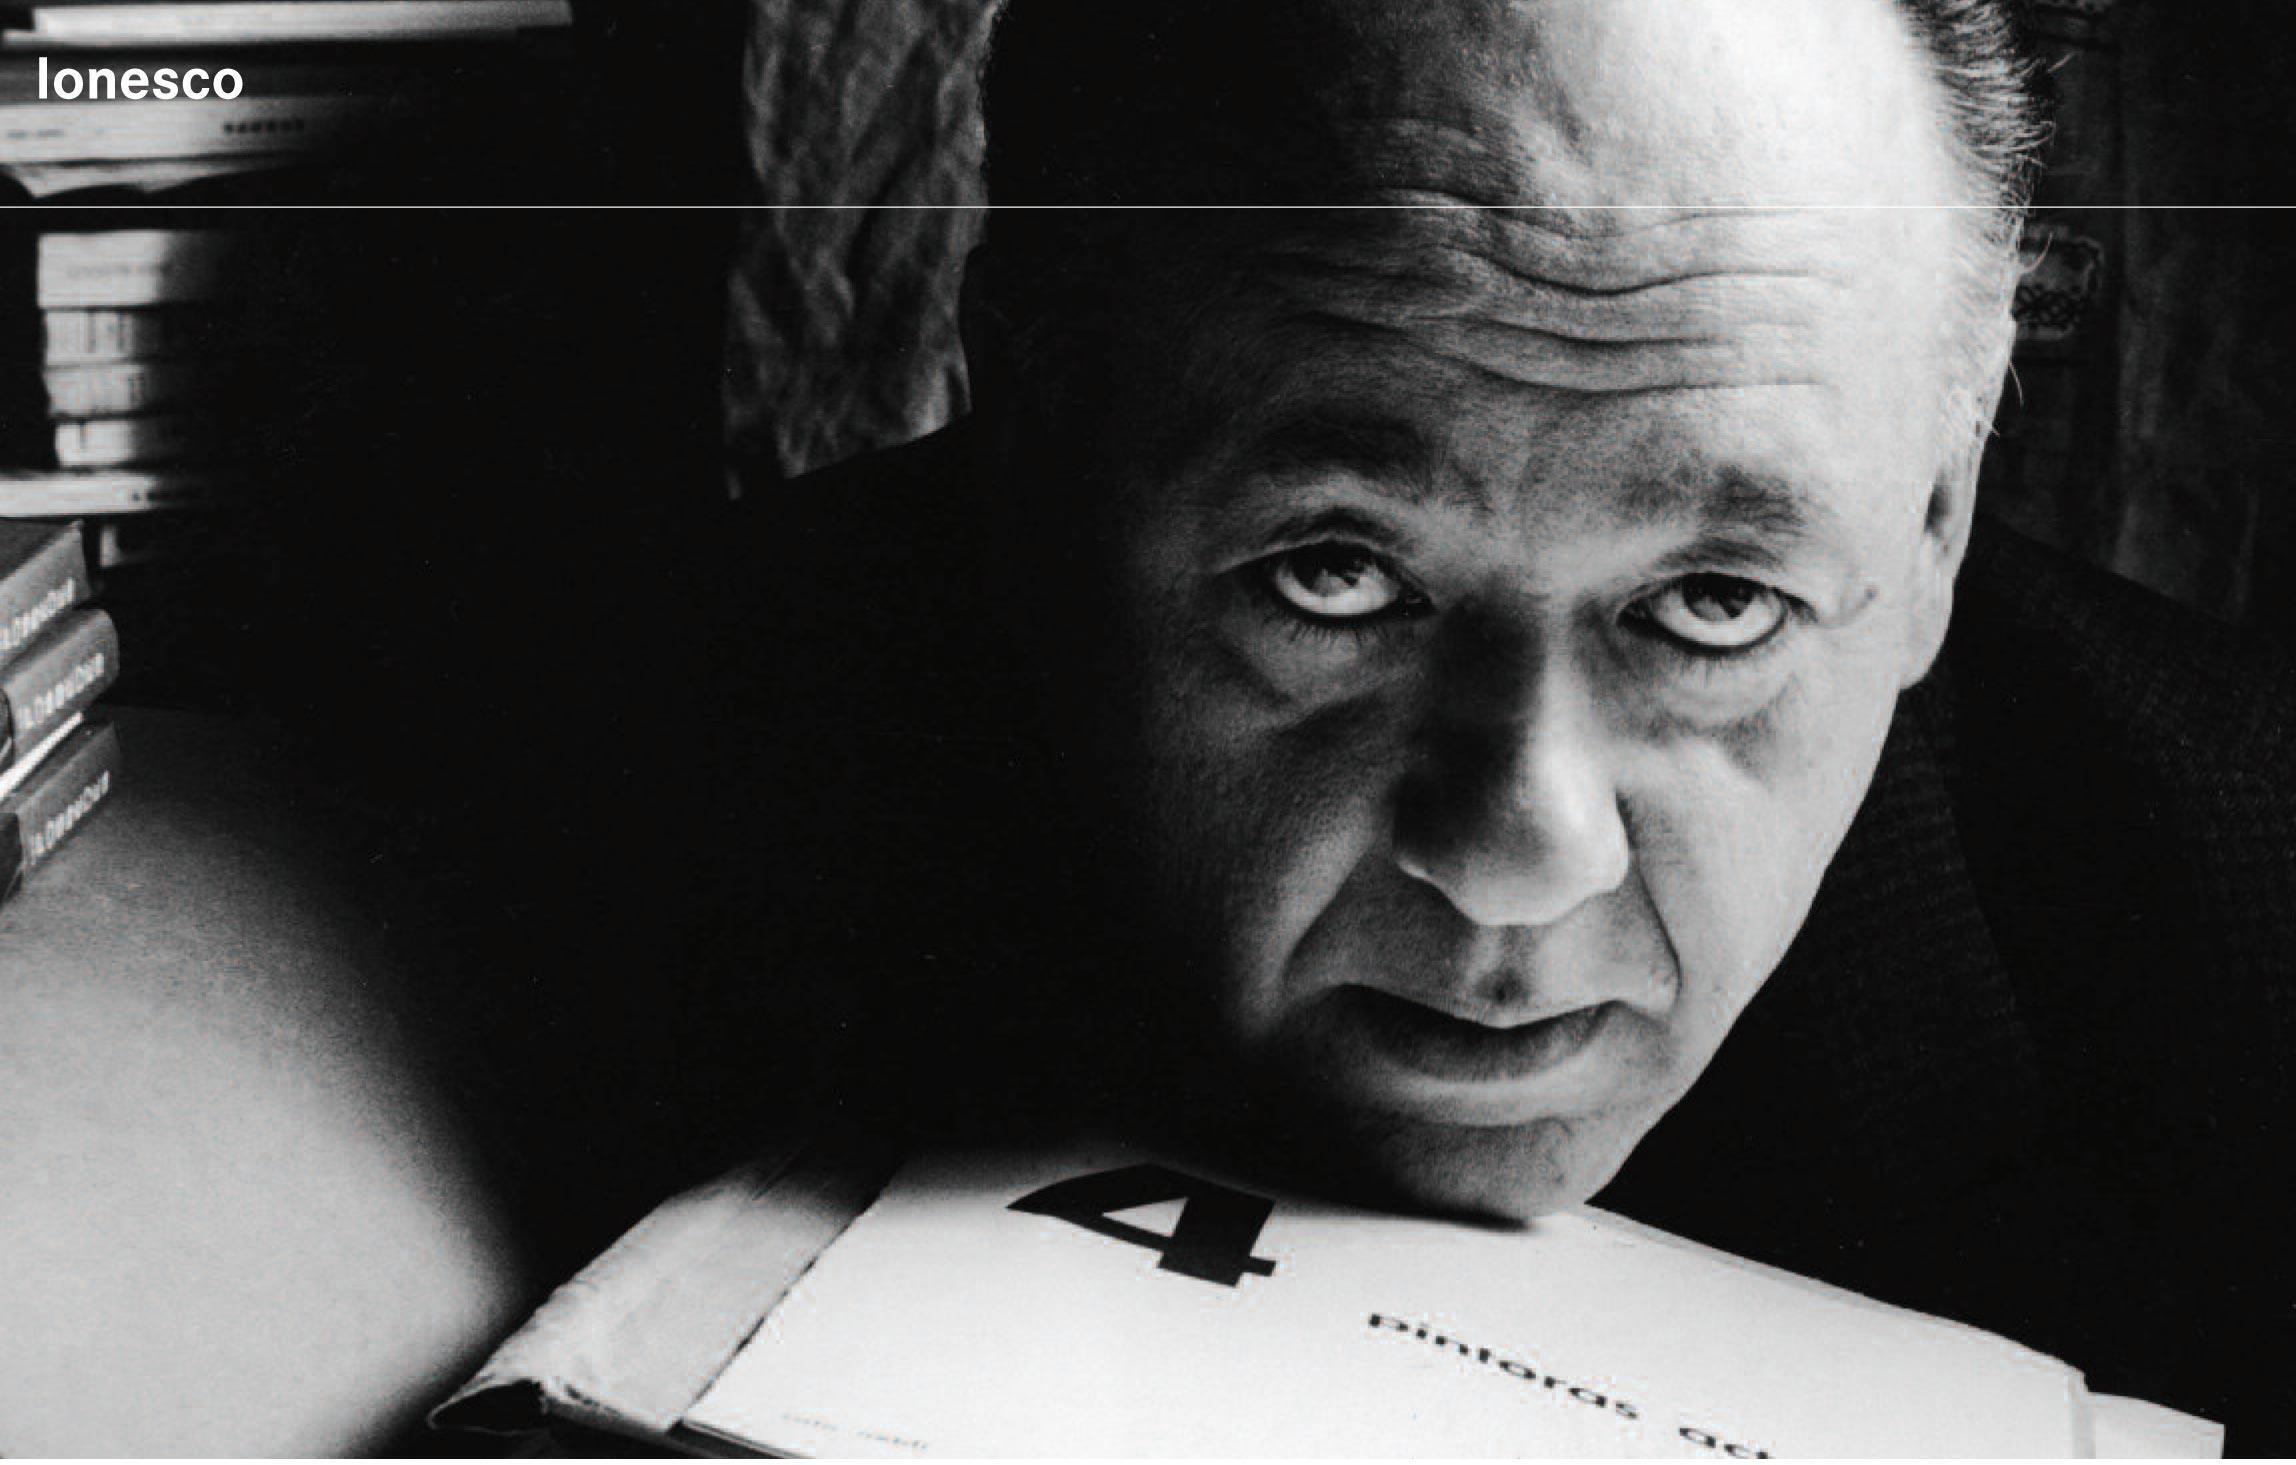 Выставка, посвященная Эжену Ионеско (Eugène Ionesco) в BNF